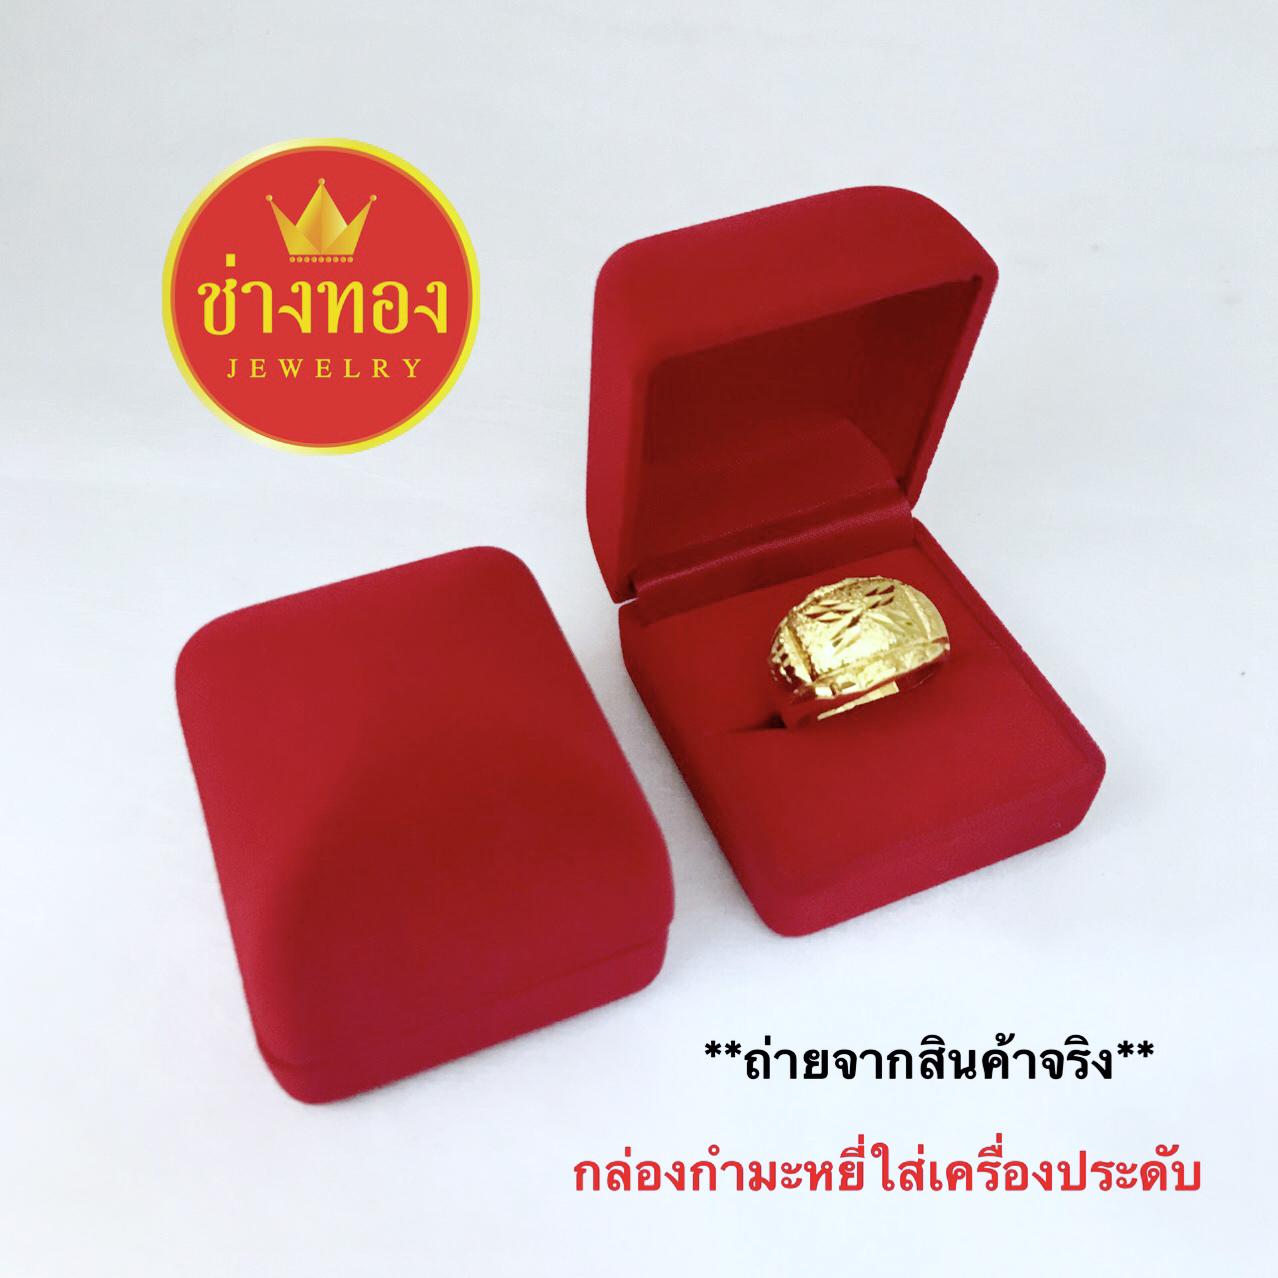 กล่องใส่แหวนทรงสี่เหลี่ยม สำหรับแแหวน Size ใหญ่ (แบบเสียบ)